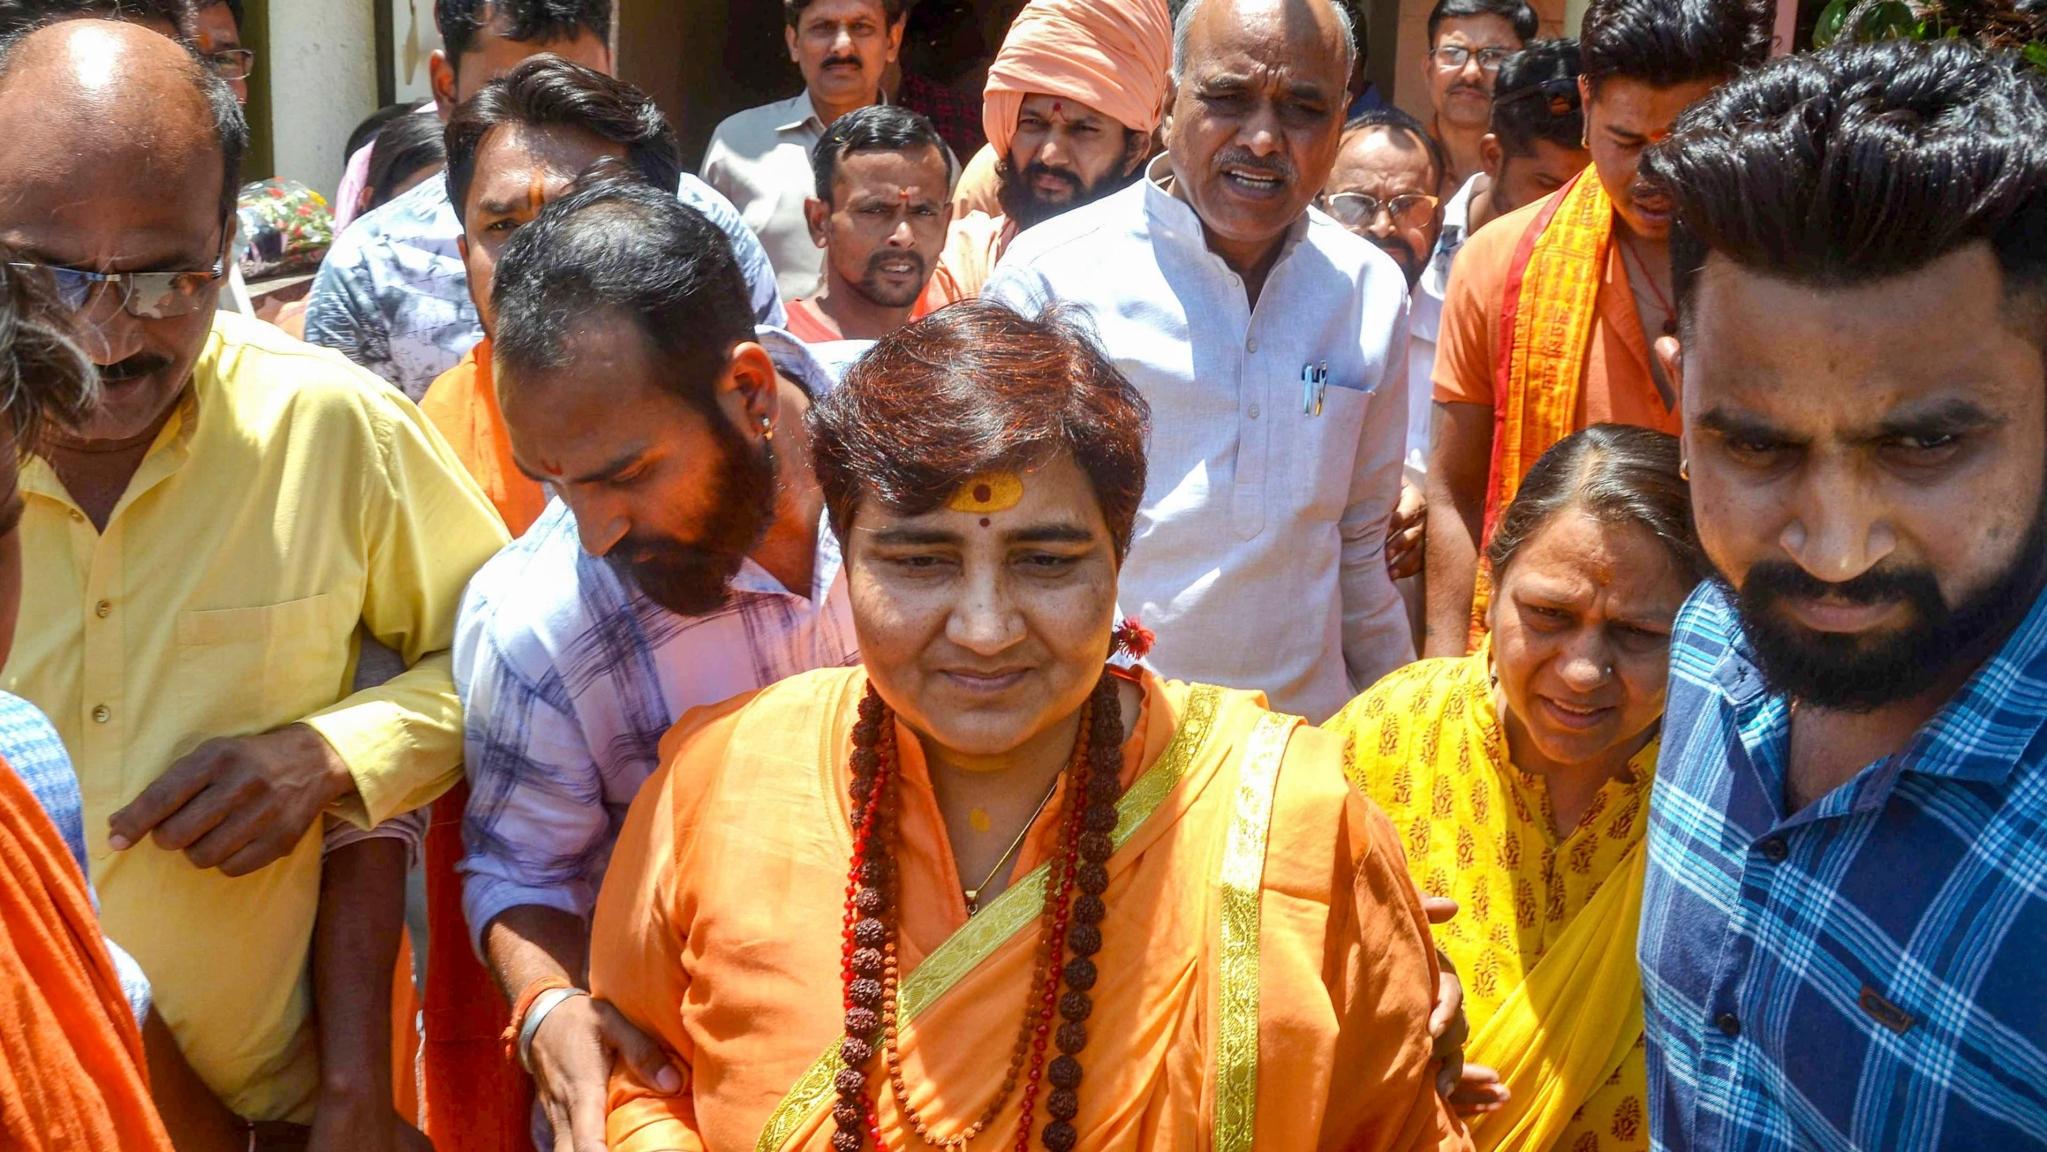 Pragya Thakur at It Again: 'Oppn Using Marak Shakti to Harm BJP'